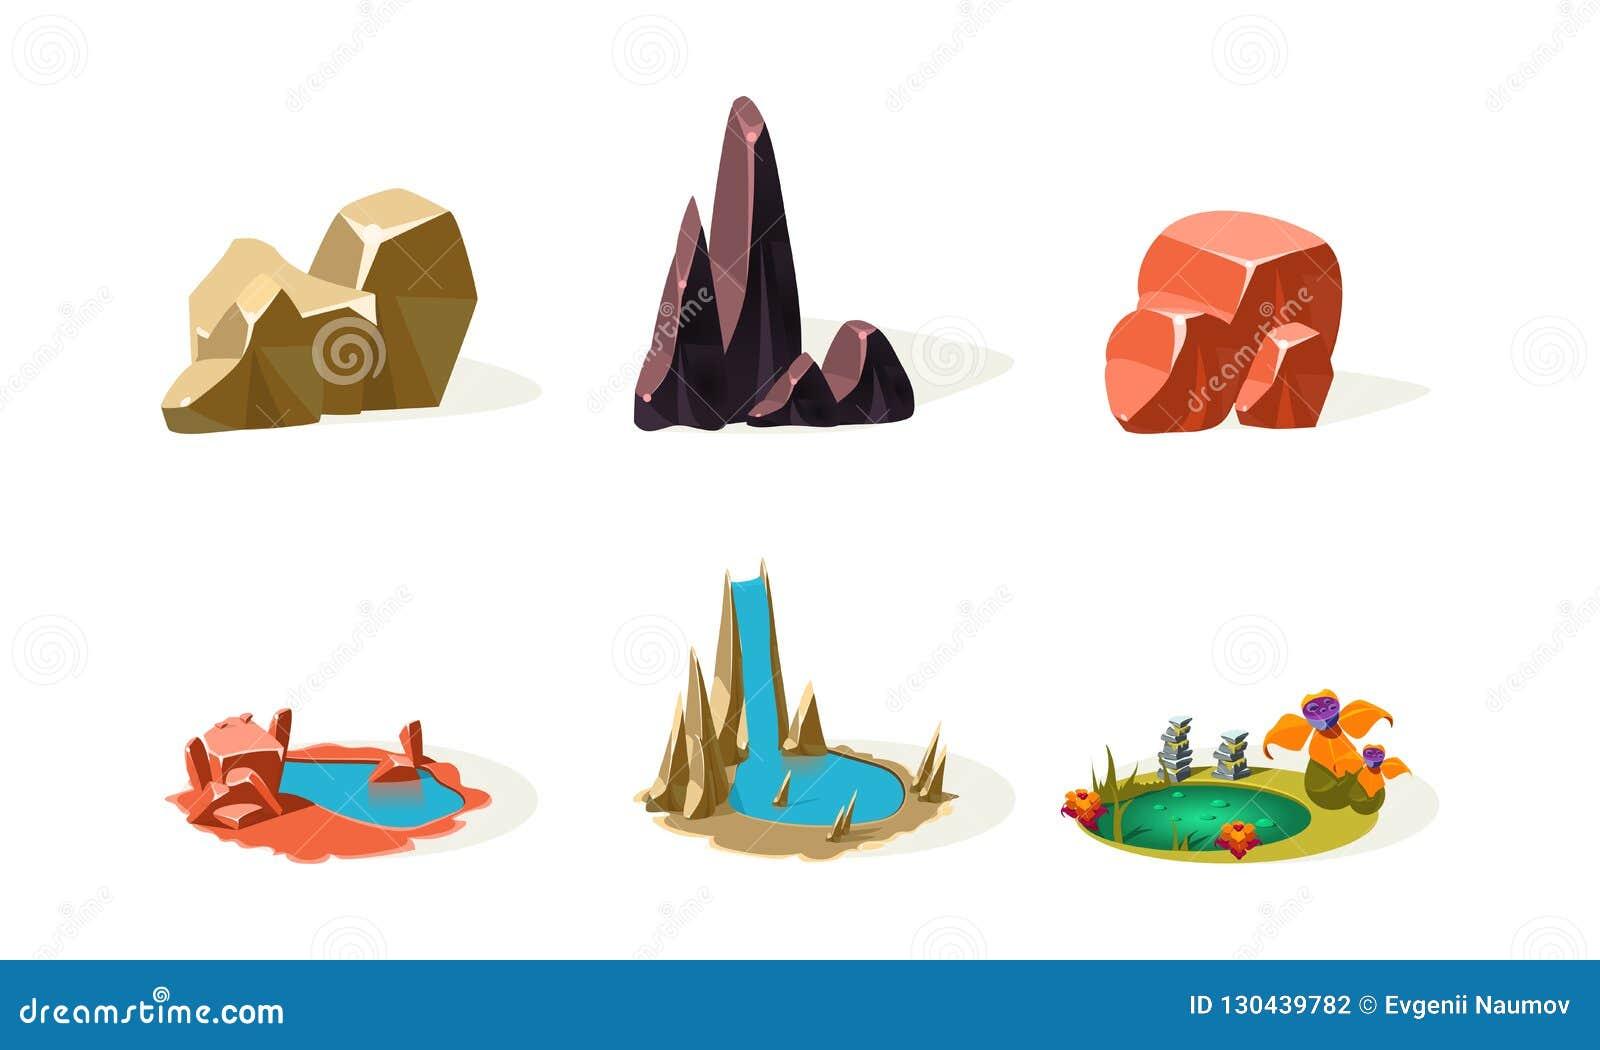 岩石石头,湖,瀑布,自然风景的元素,流动应用程序或电子游戏传染媒介的用户界面财产